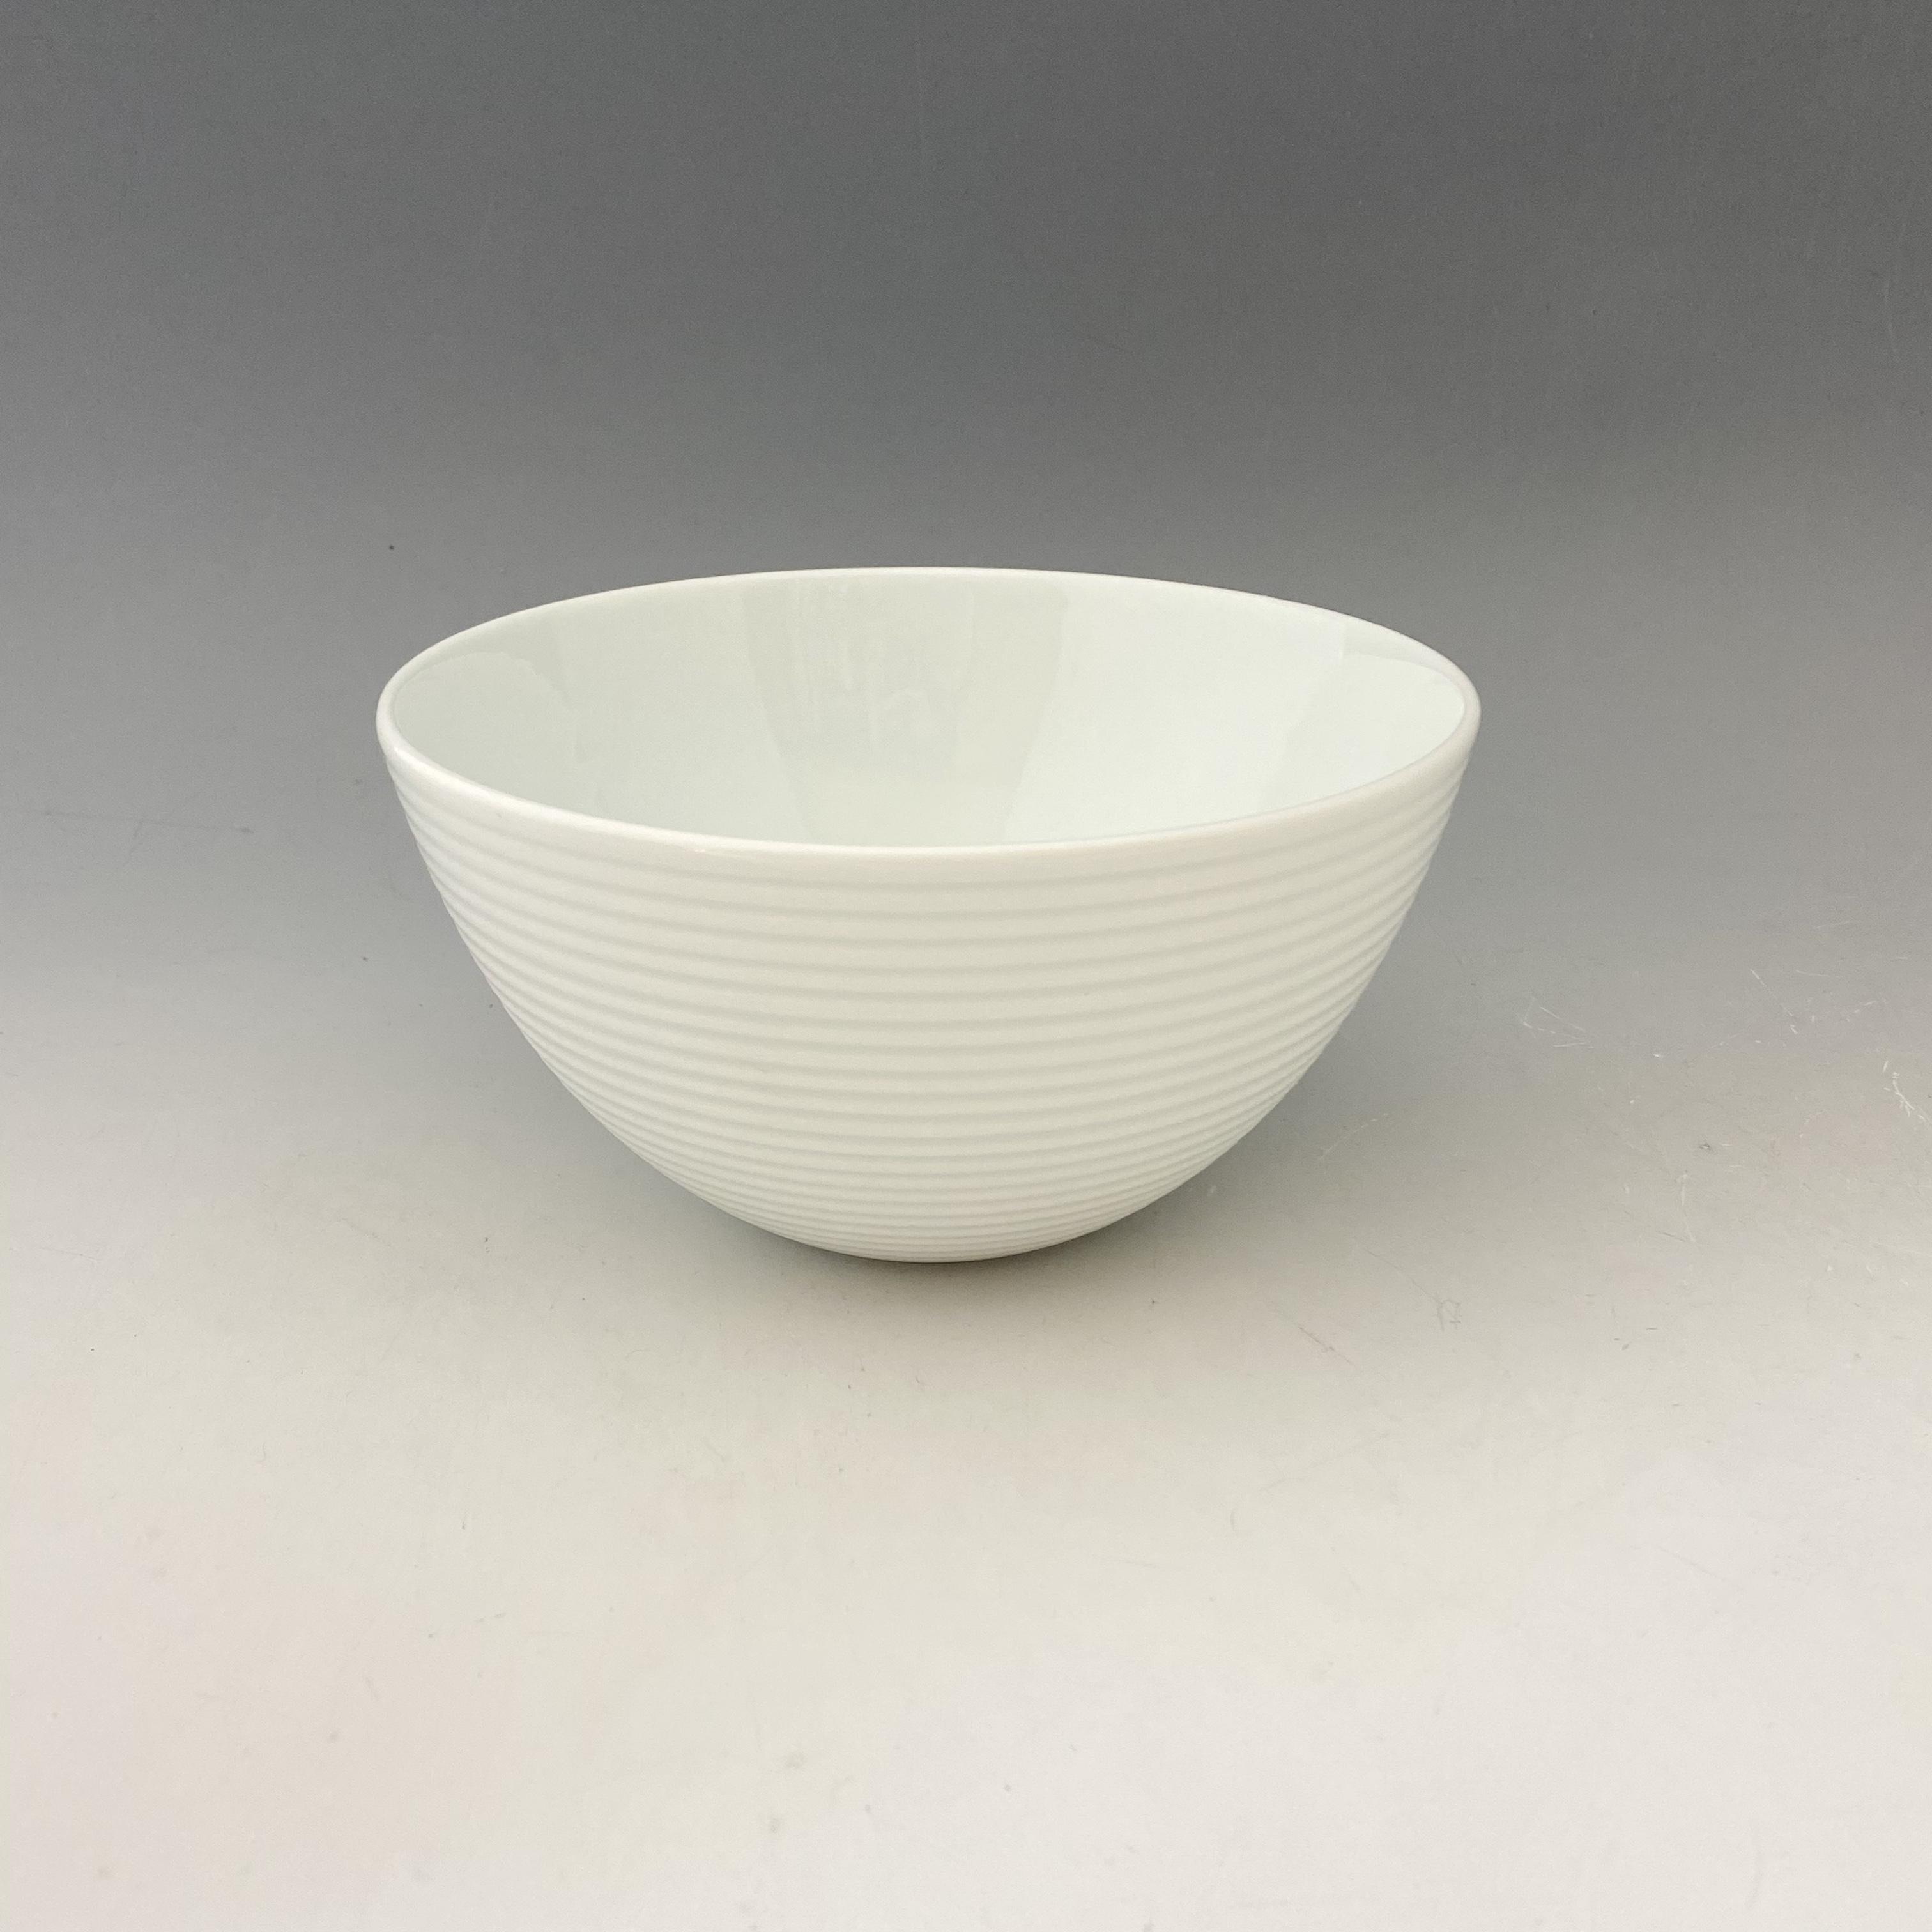 【中尾恭純】白磁線段麺鉢